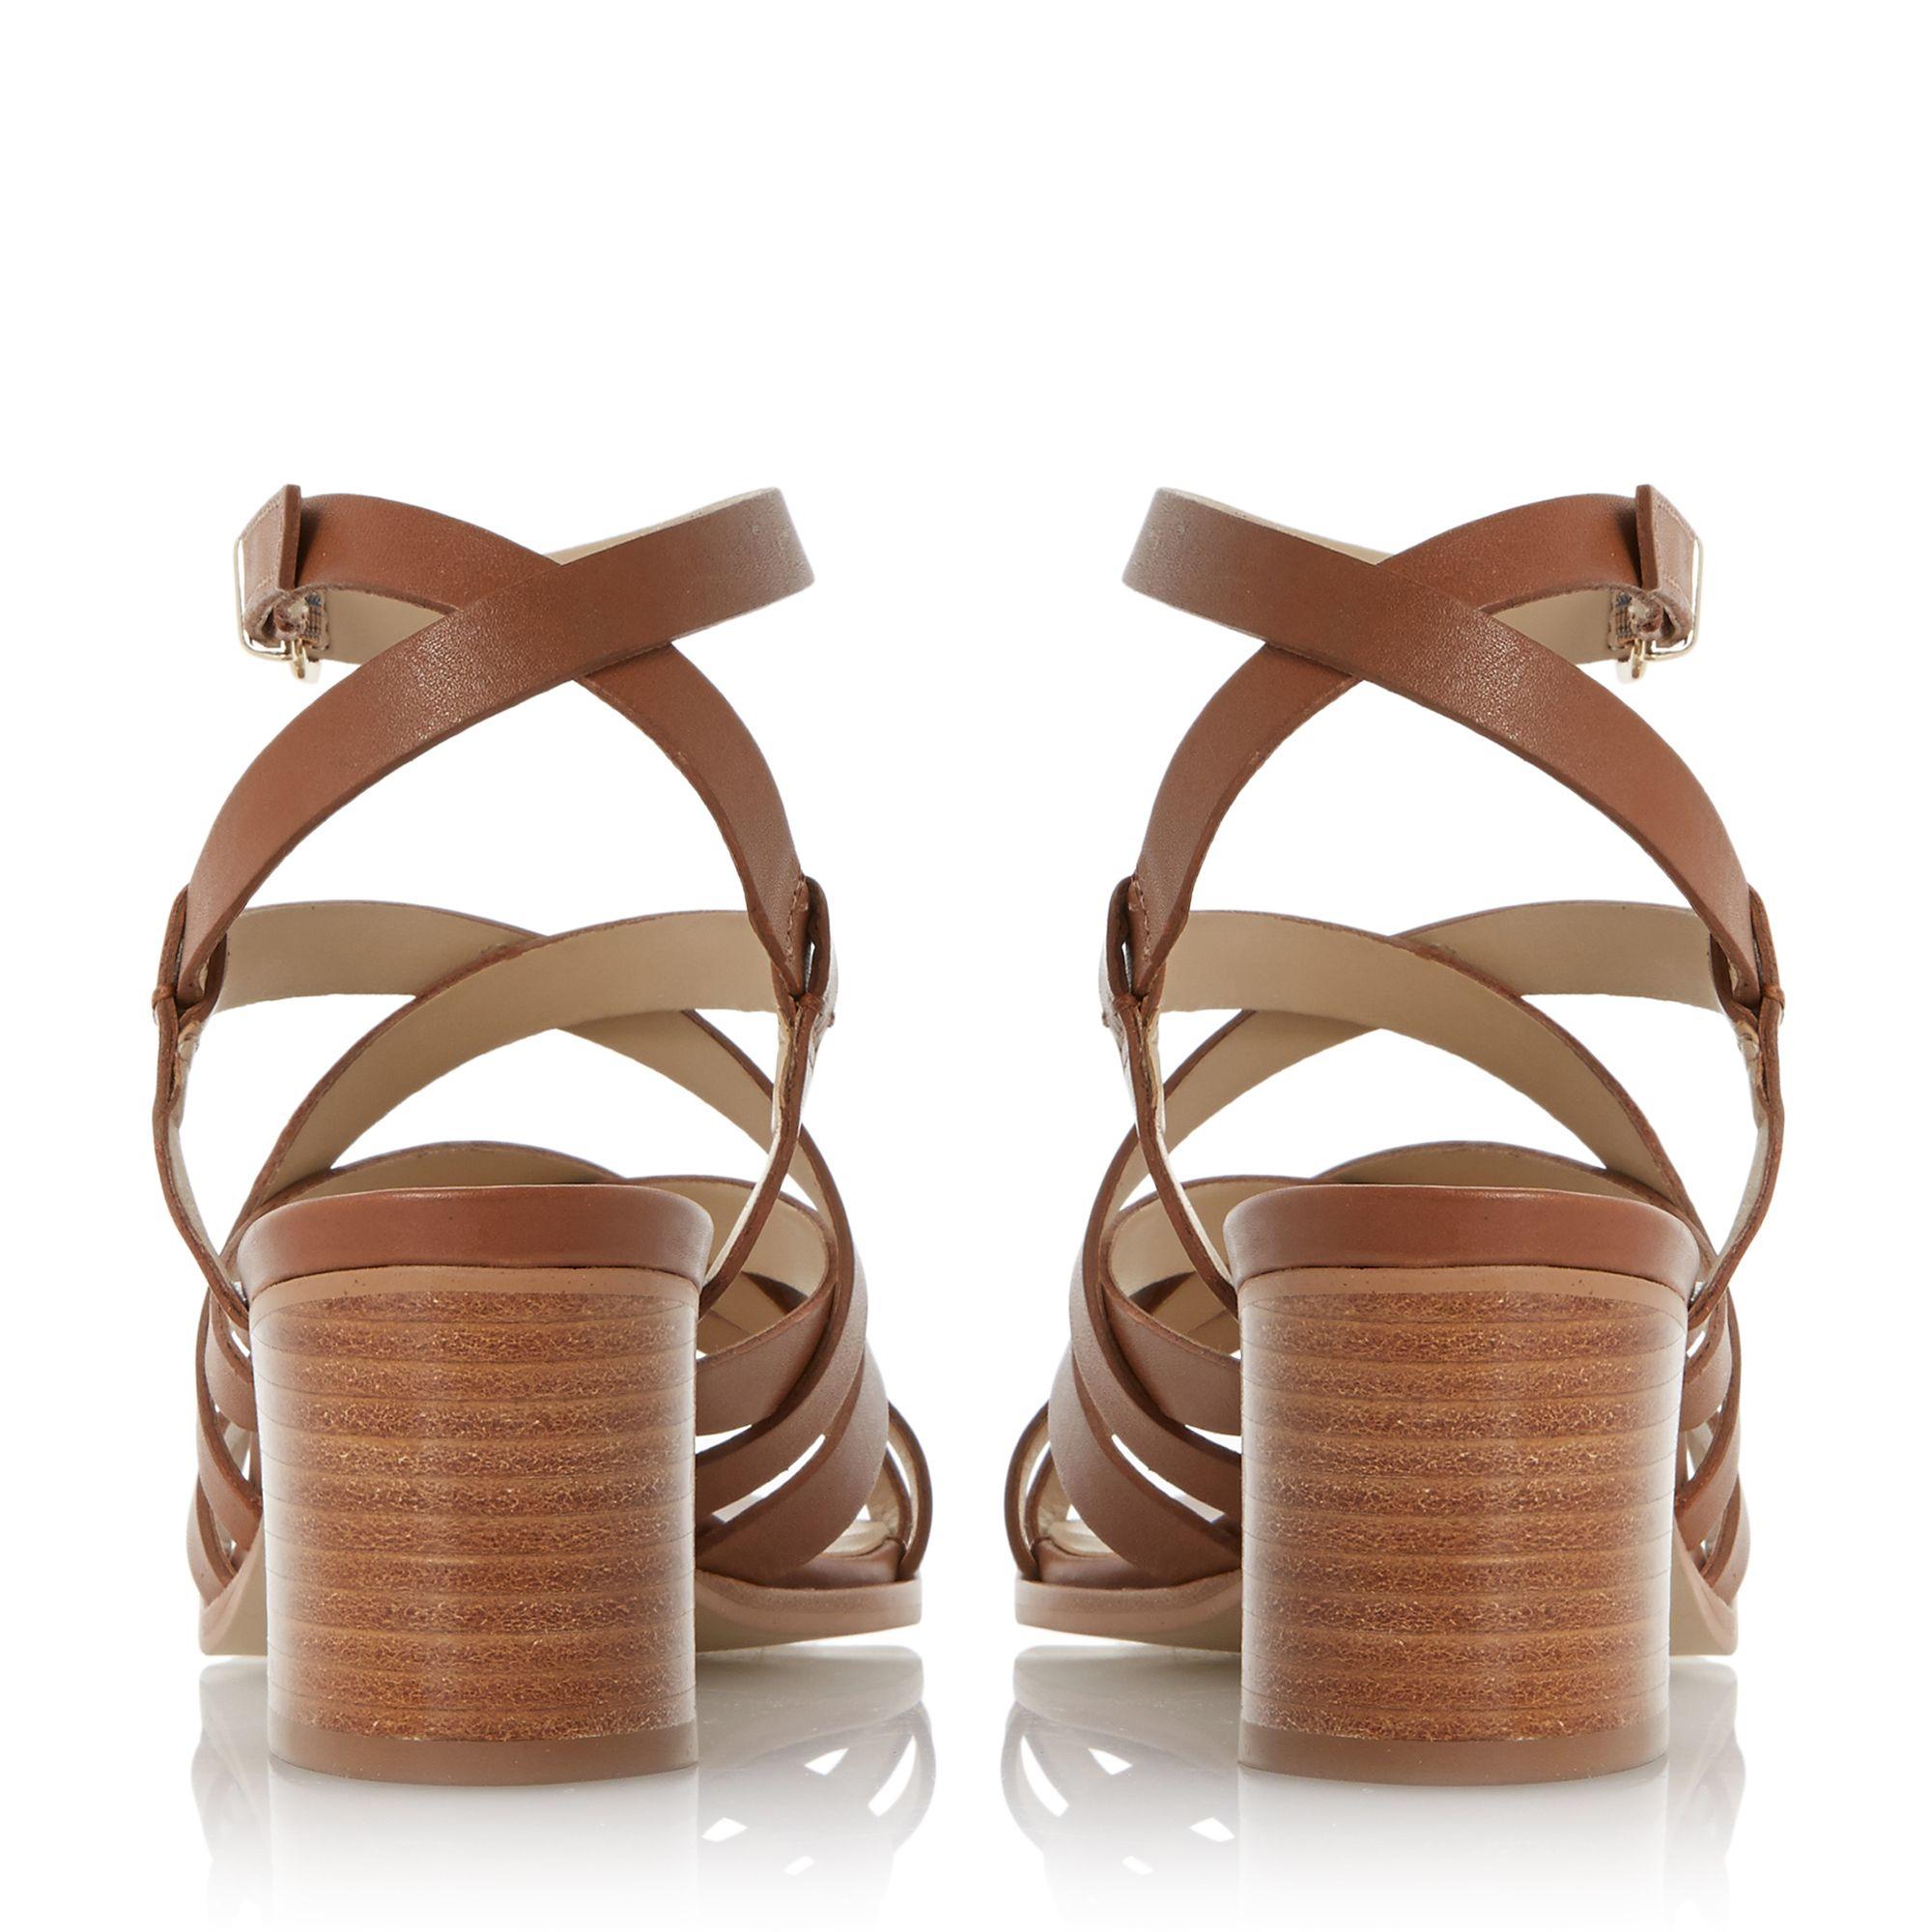 Brown Strappy Sandals Heels - Qu Heel